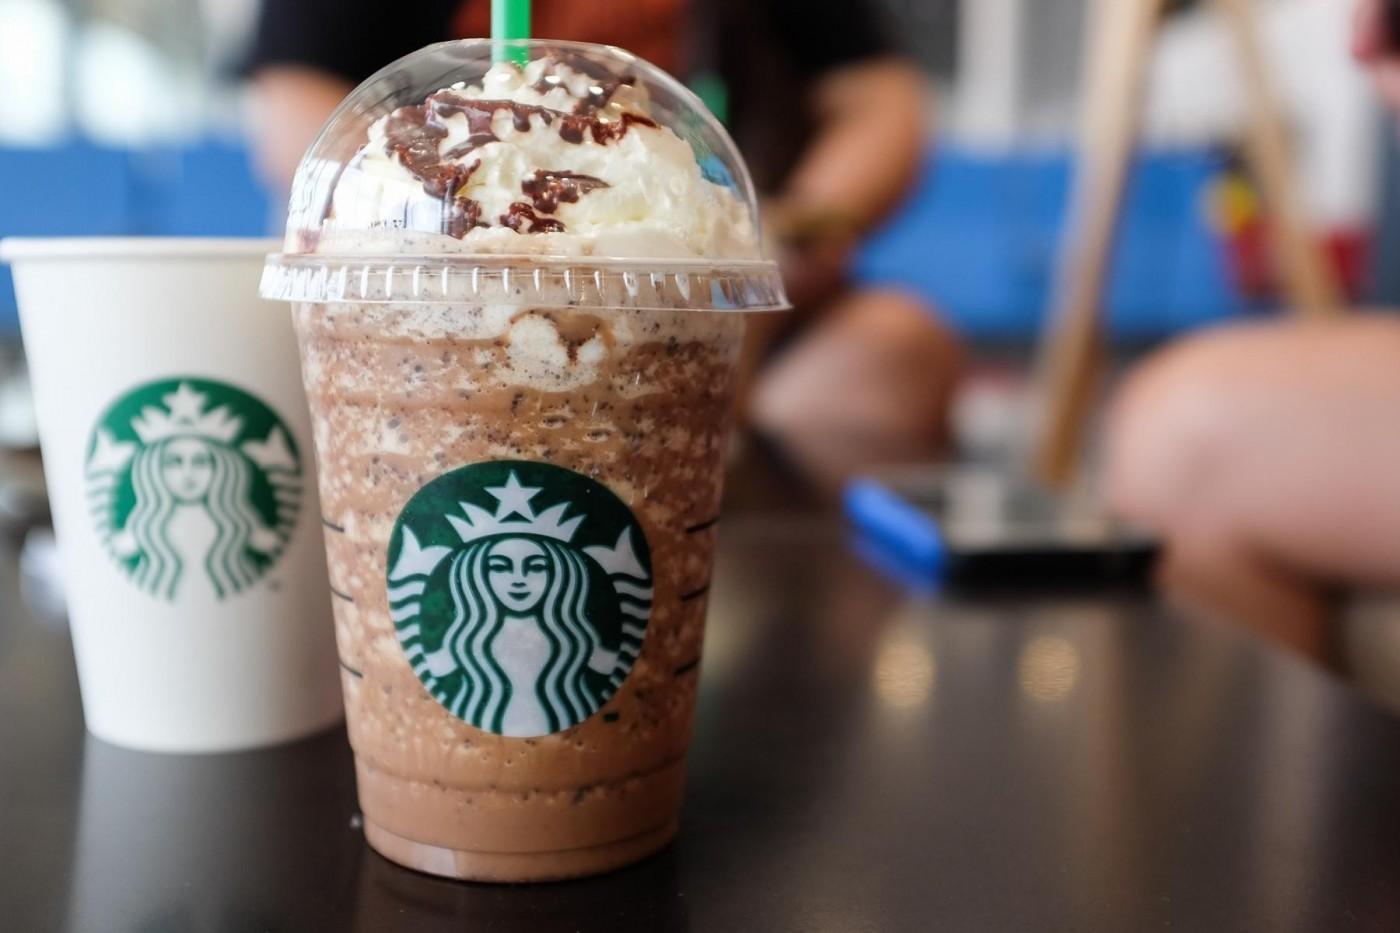 擺脫剝削之名!星巴克以區塊鏈紀錄咖啡豆歷程,向消費者揭露每杯咖啡故事